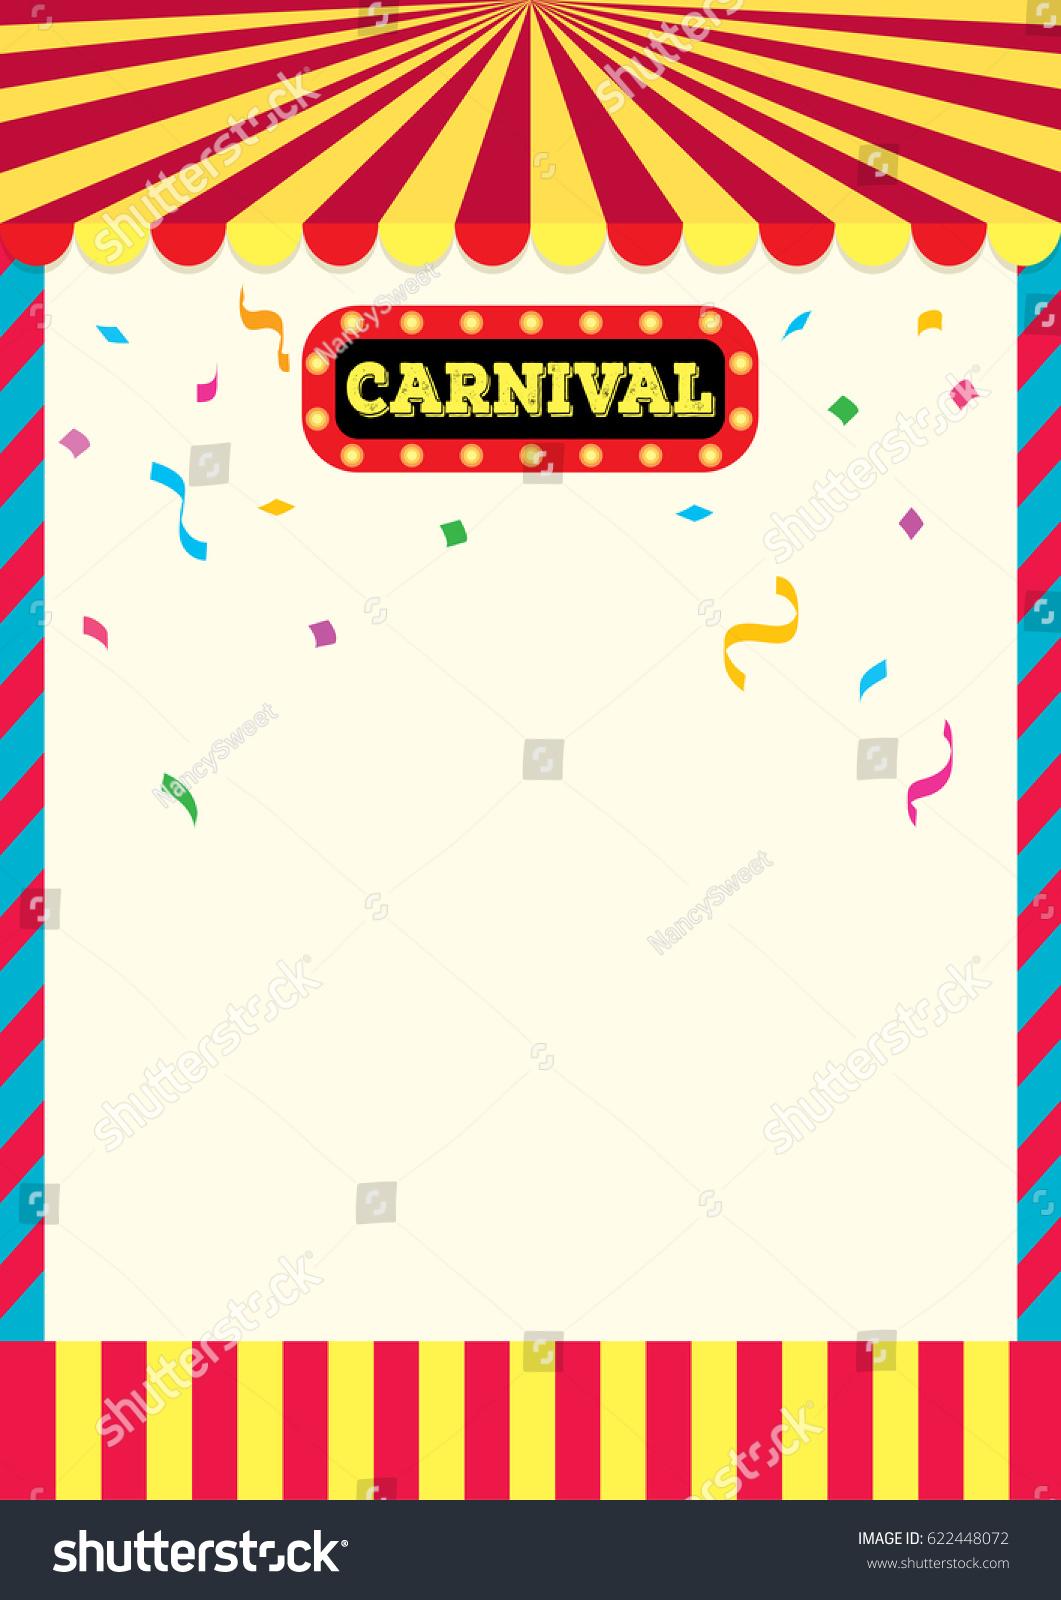 carnival sign frame design background template のベクター画像素材